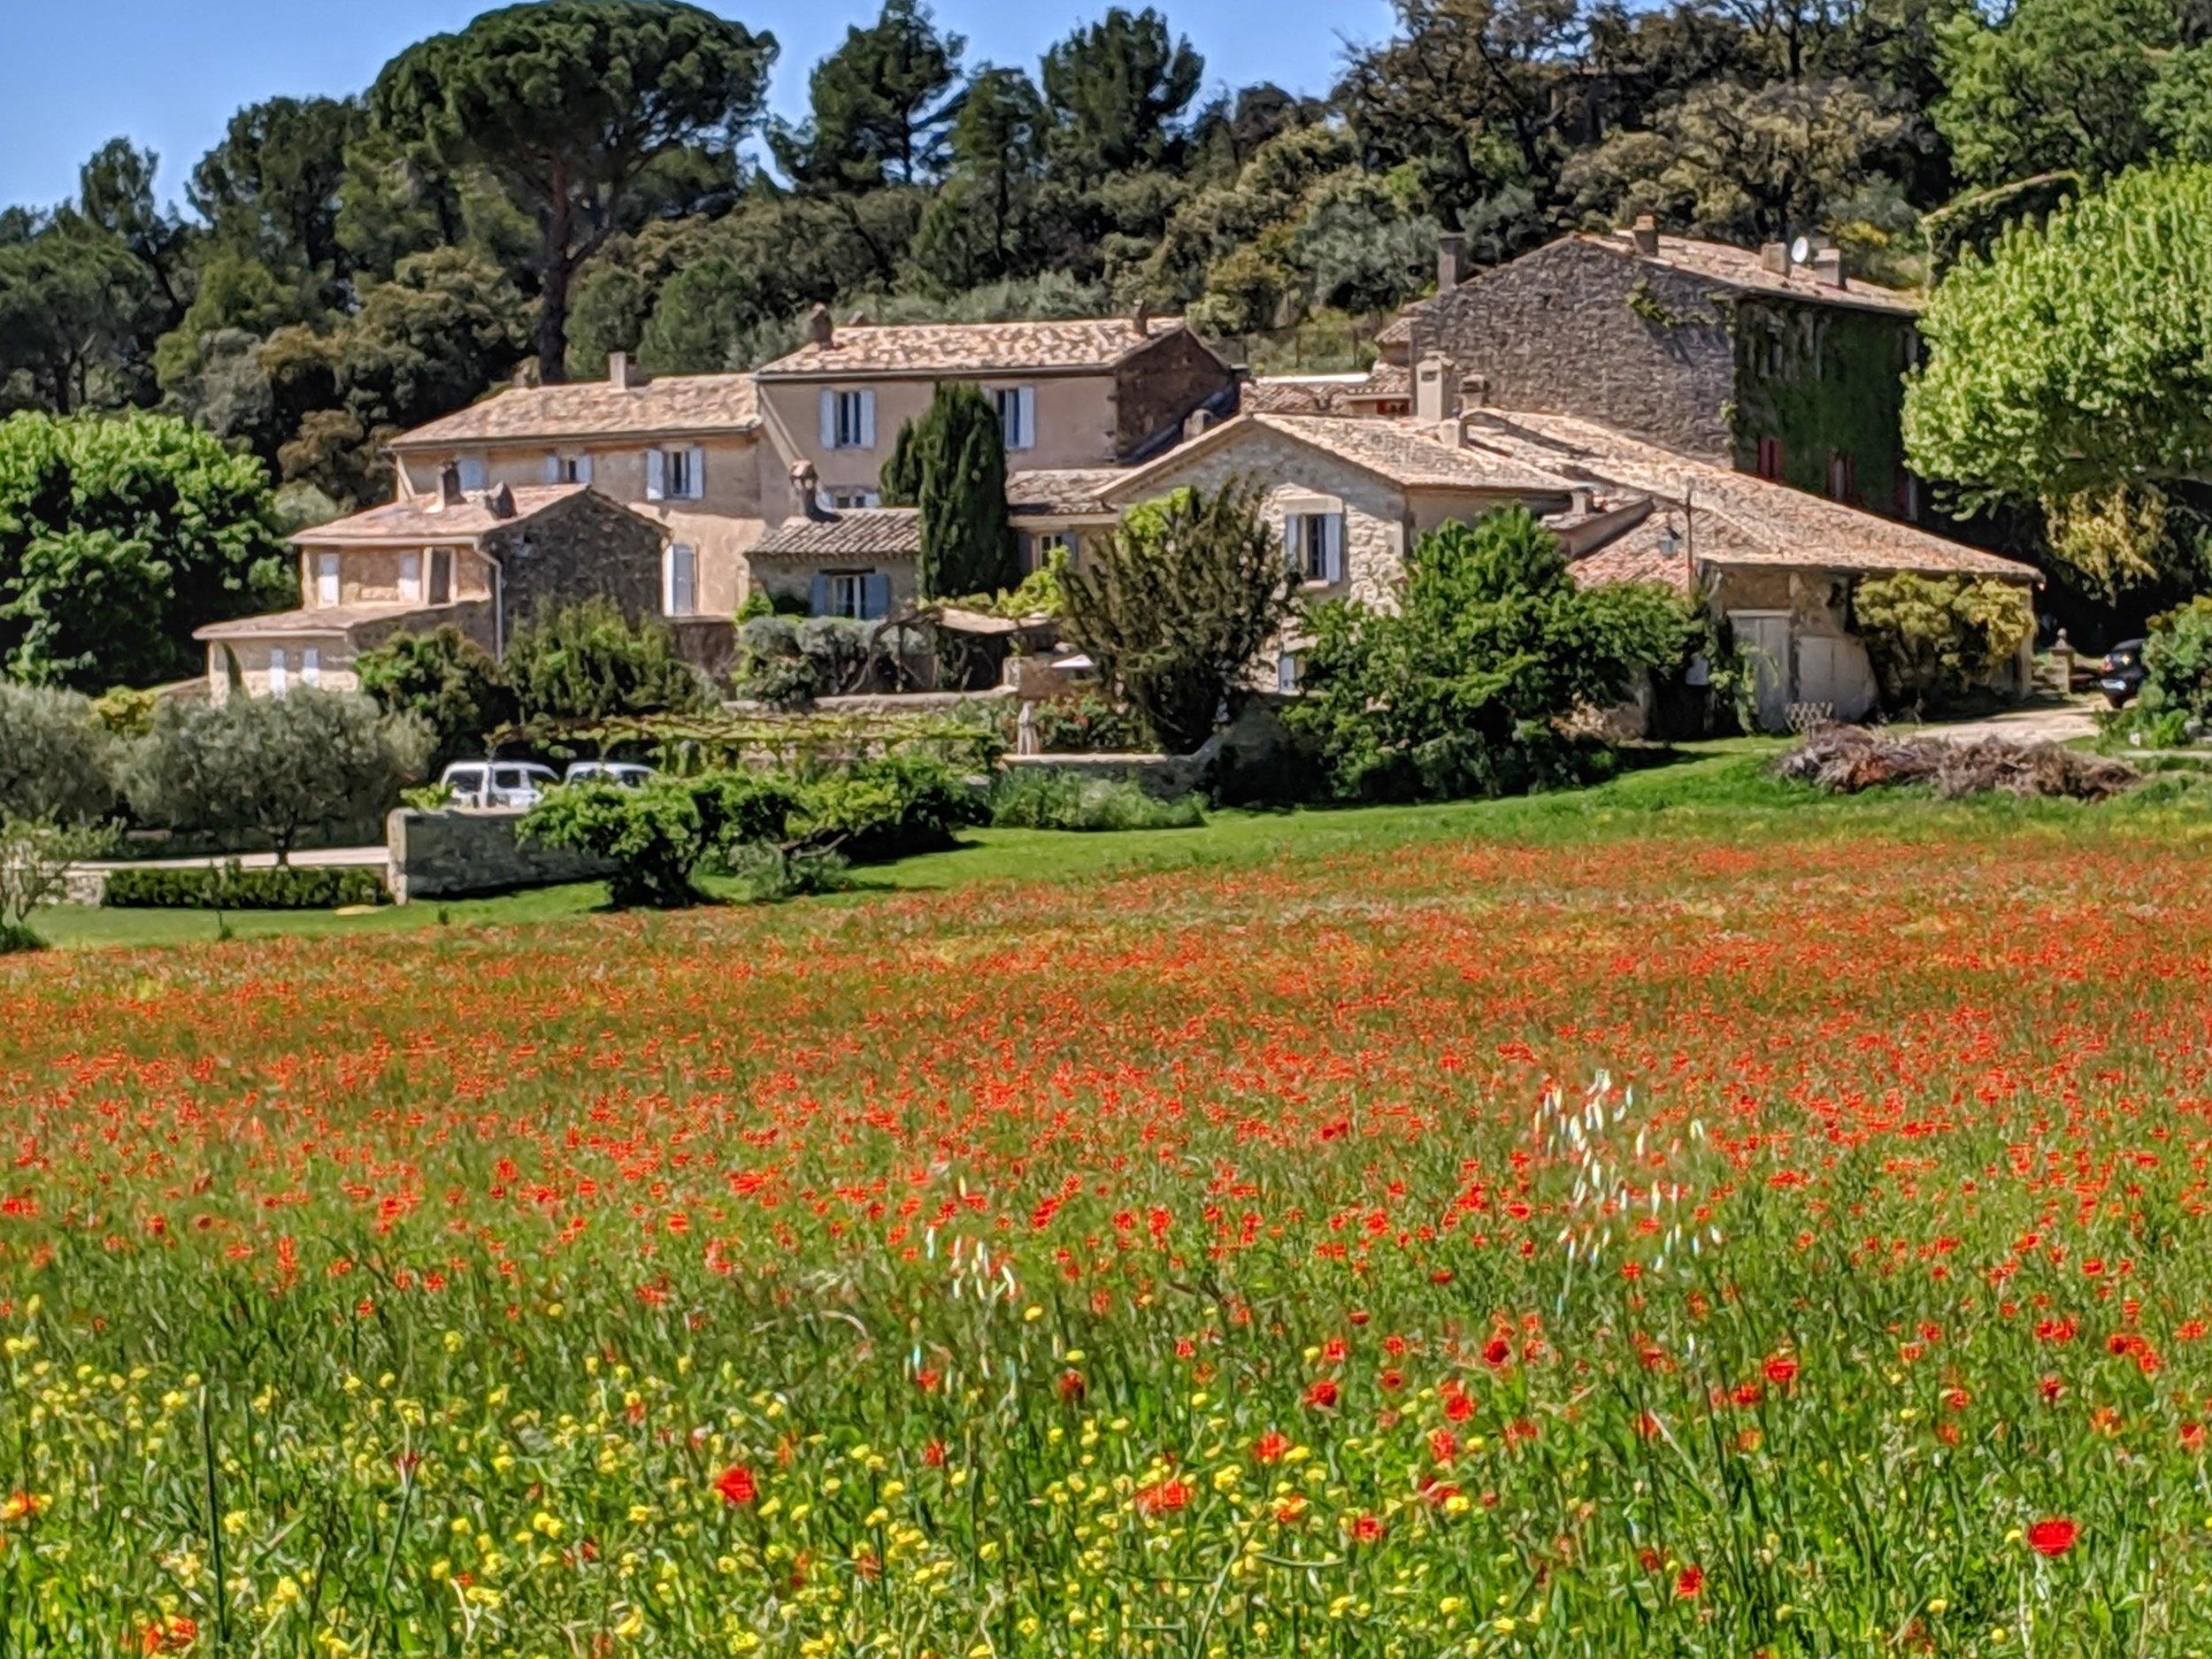 Poppy Fields at Lourmarin